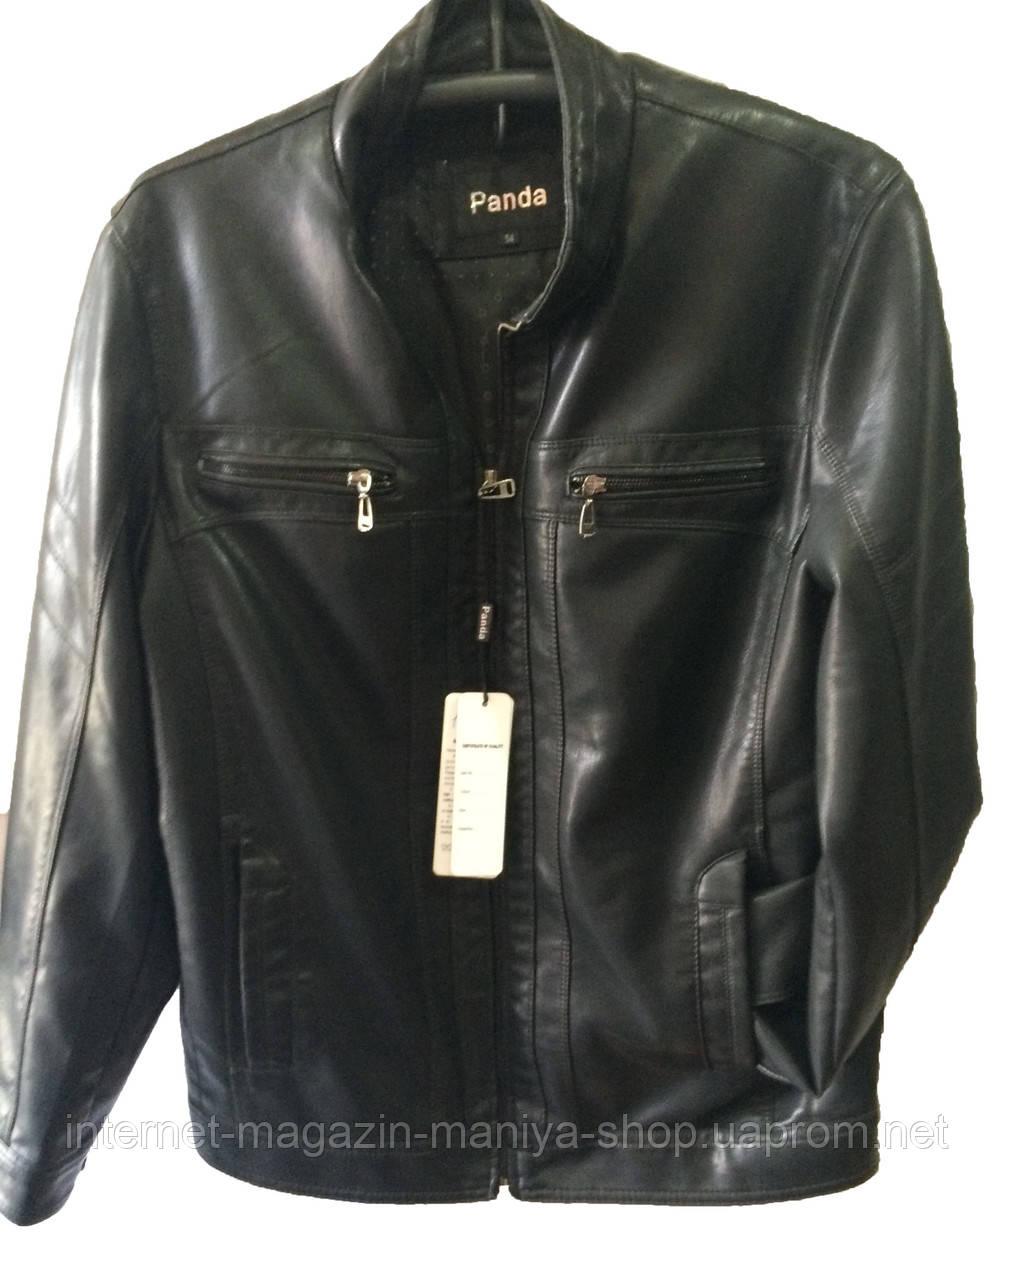 Купить Куртку Мужскую Из Кожзама В Интернет Магазине